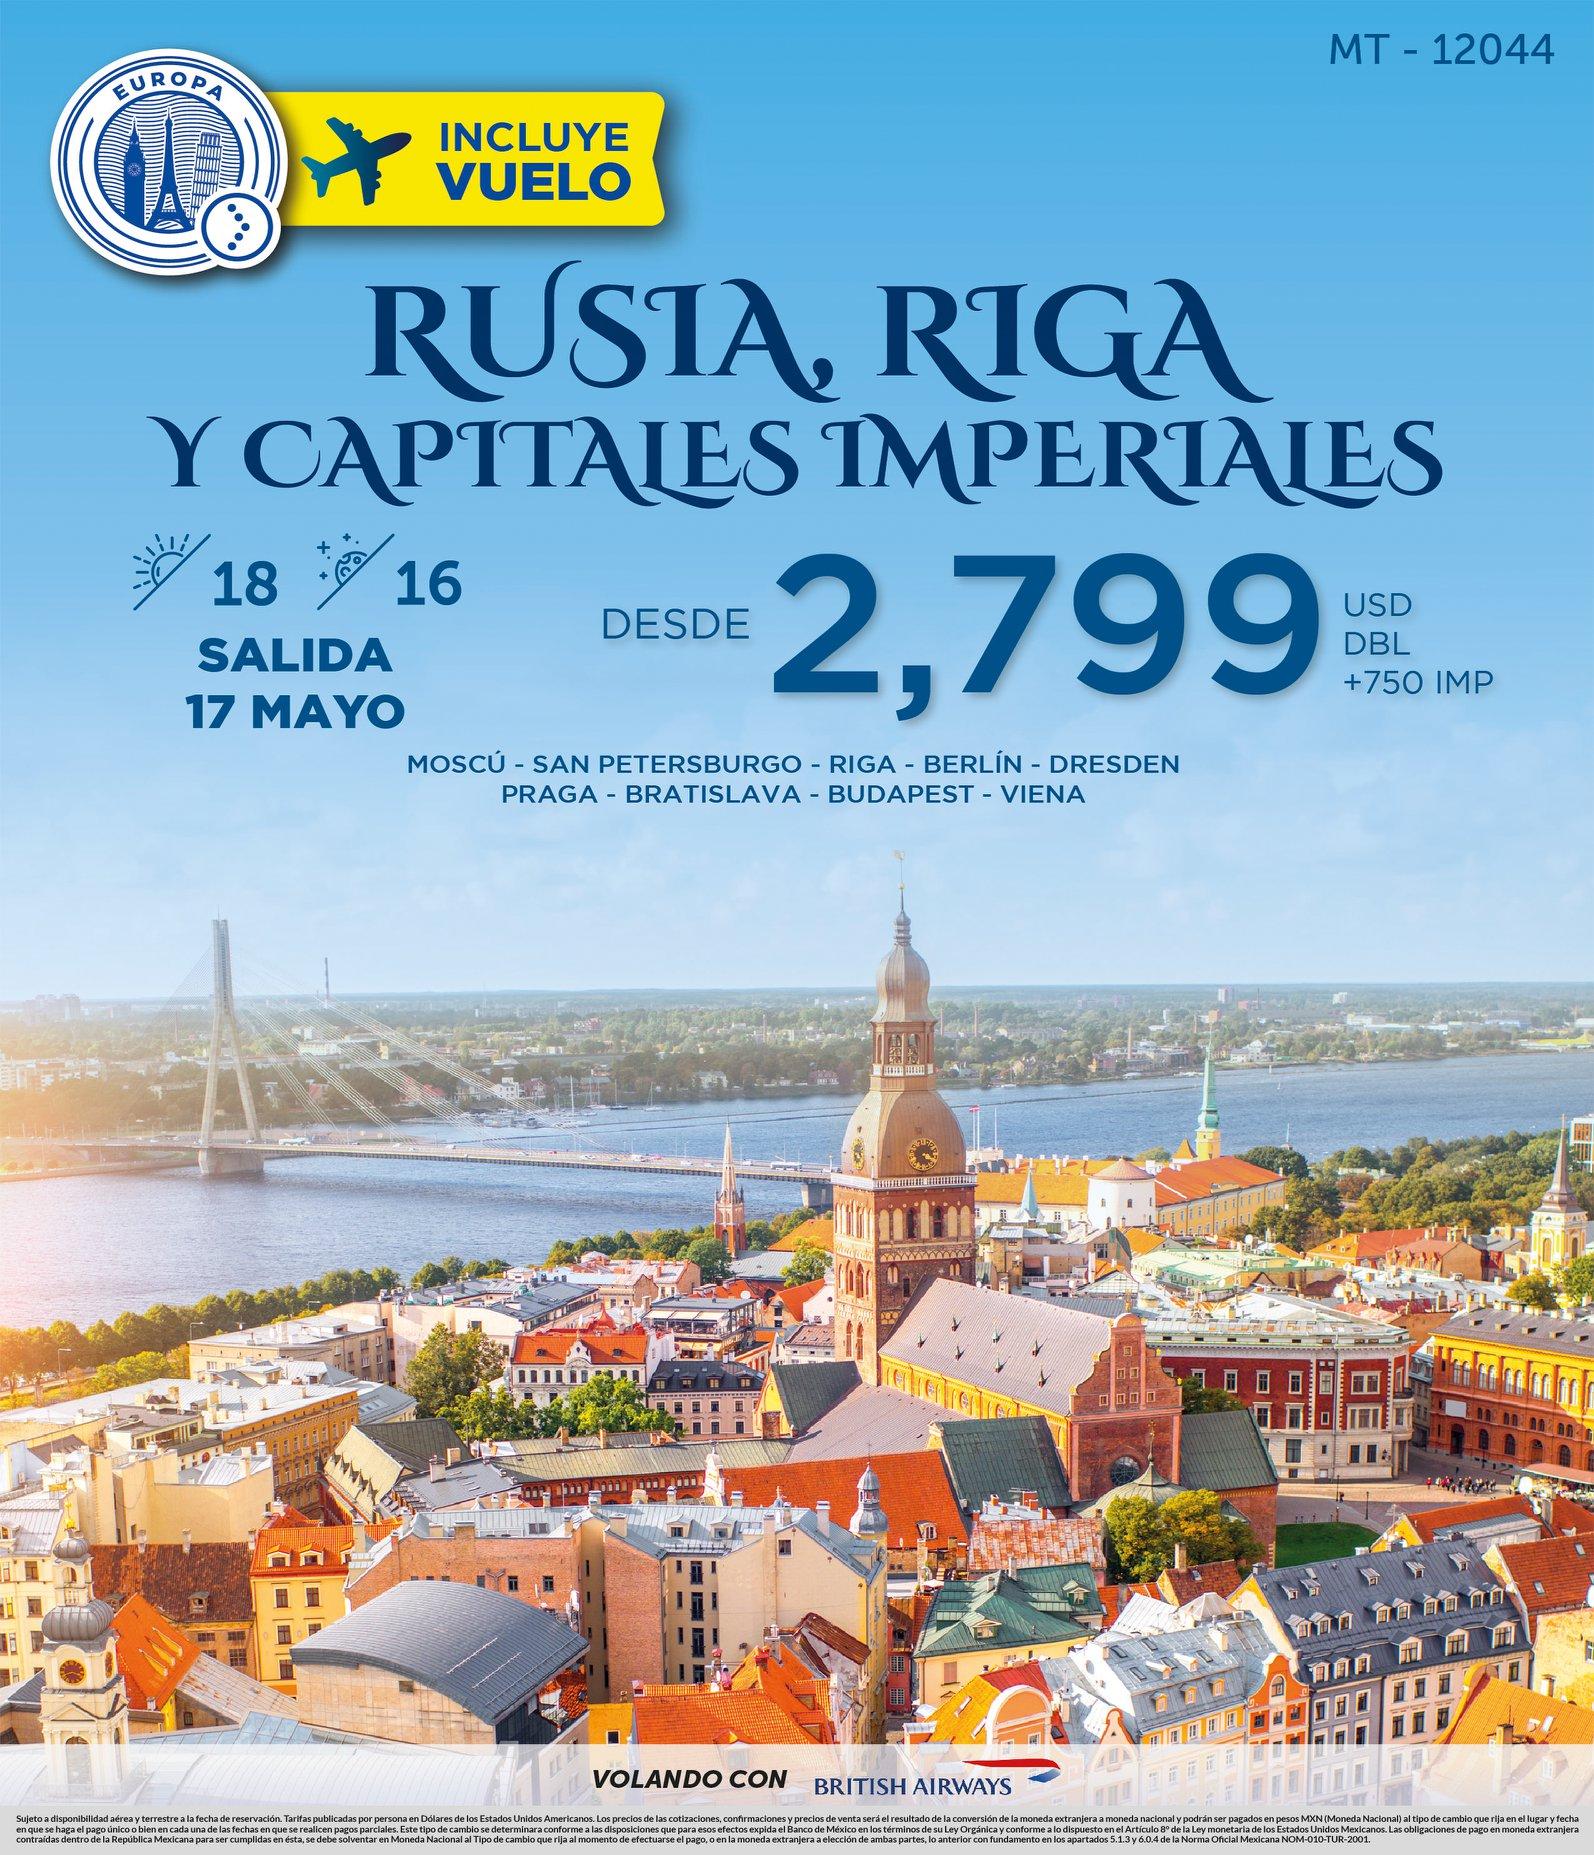 Rusia, Riga Y Capitales Imperiales Vuelos Incluidos desde México